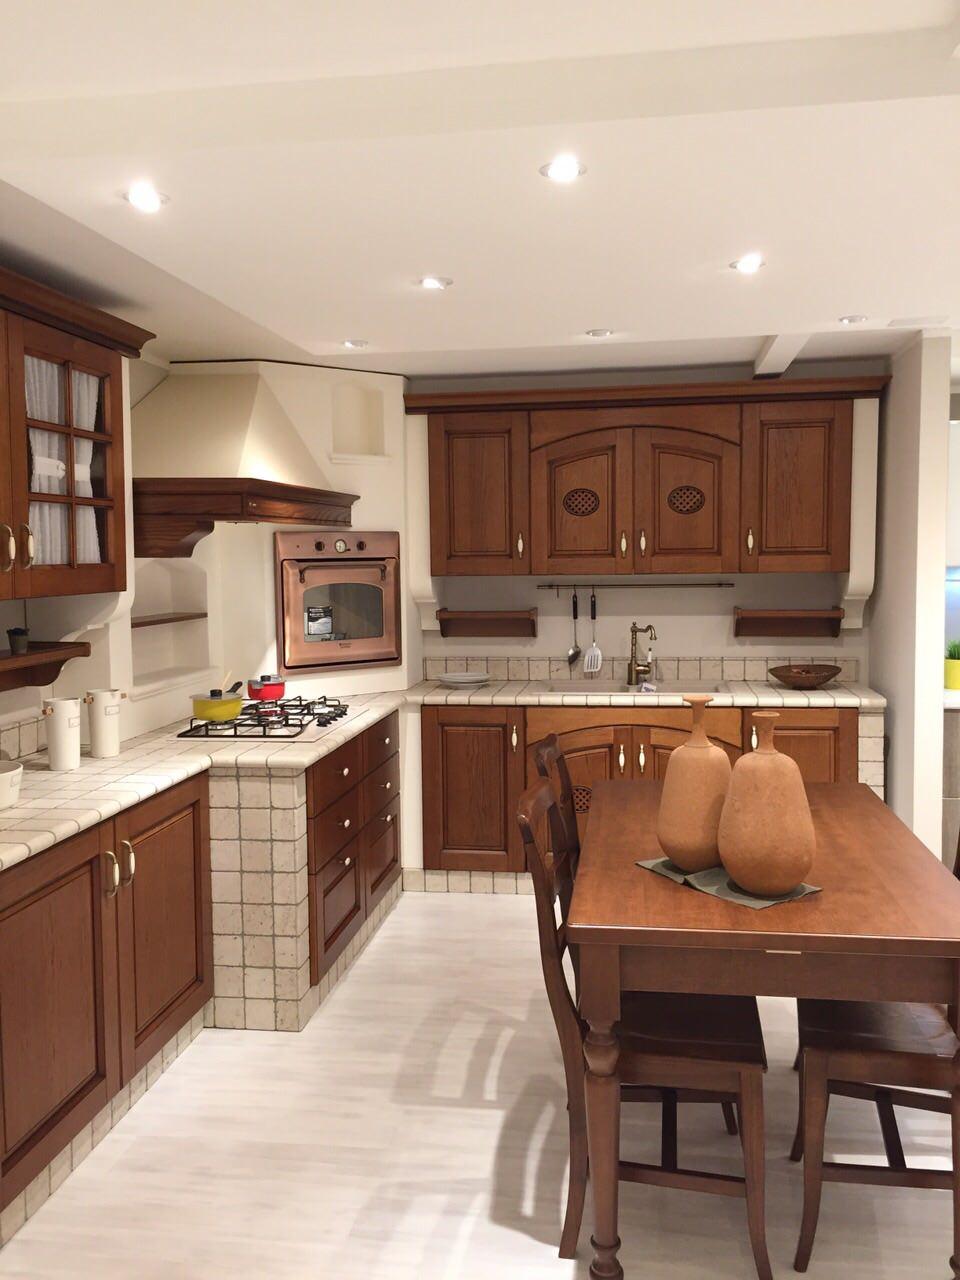 Foto Di Cucina In Muratura : Immagini di cucina in muratura. Foto ...